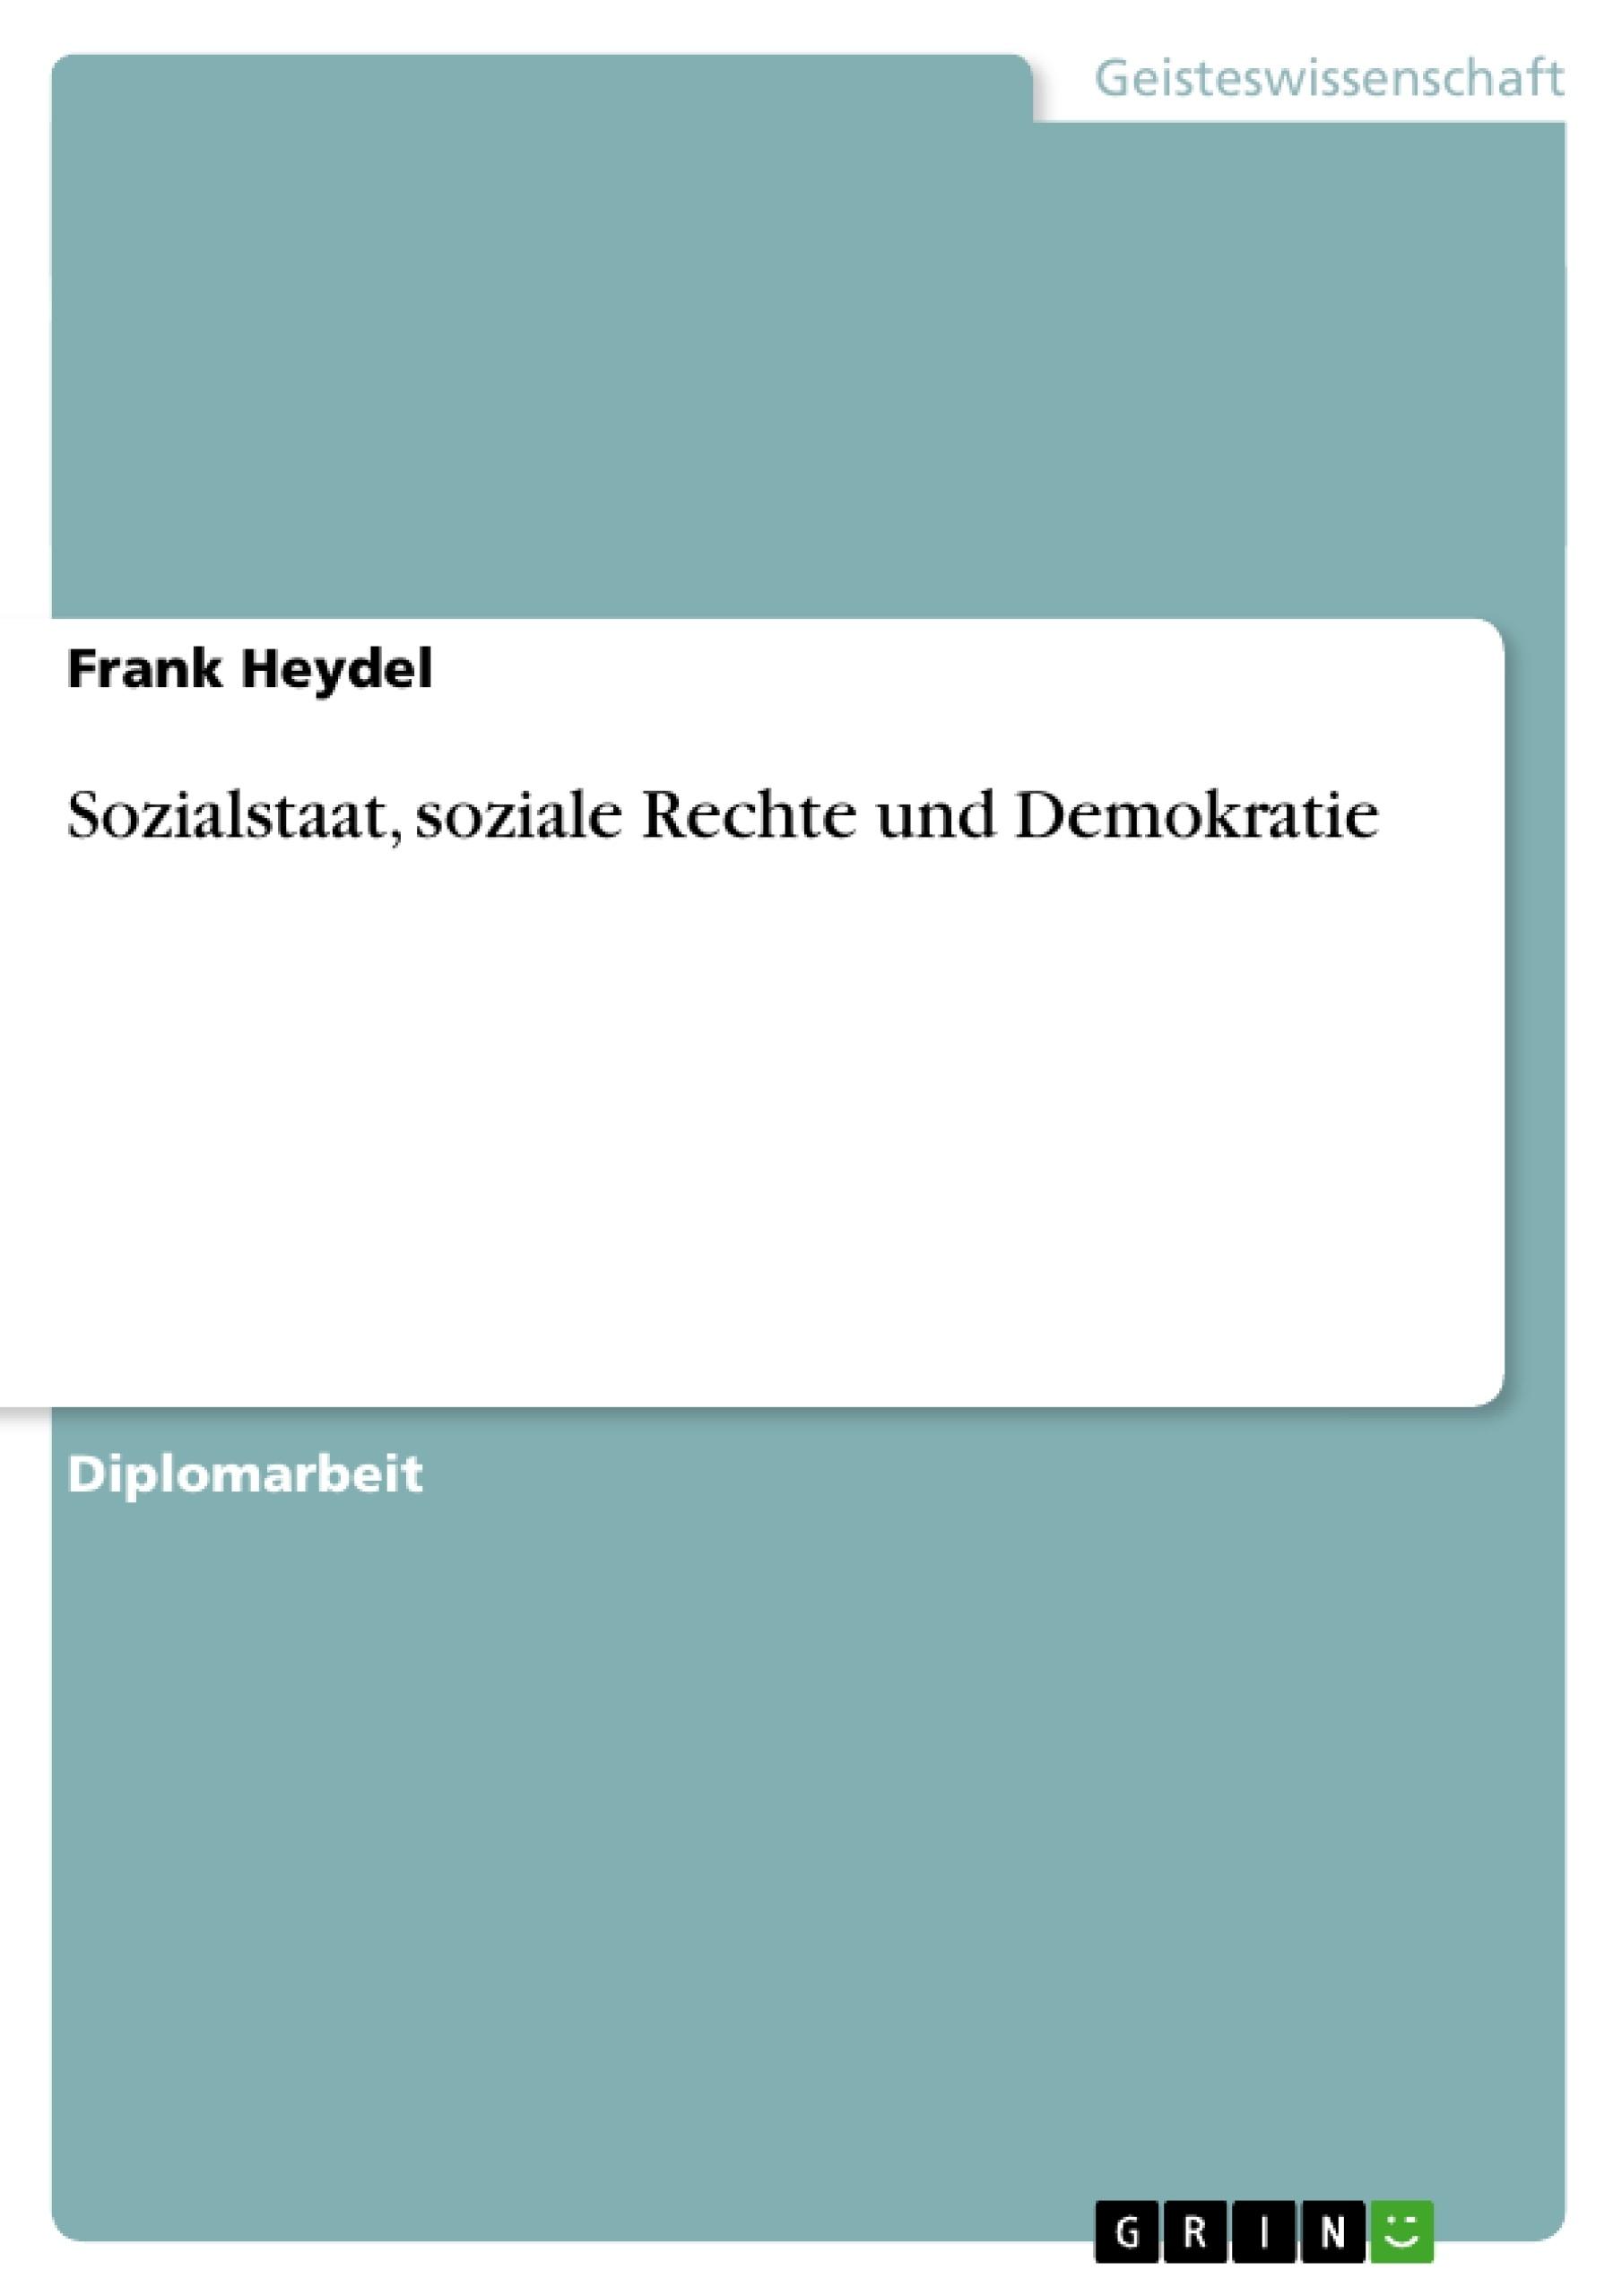 Titel: Sozialstaat, soziale Rechte und Demokratie